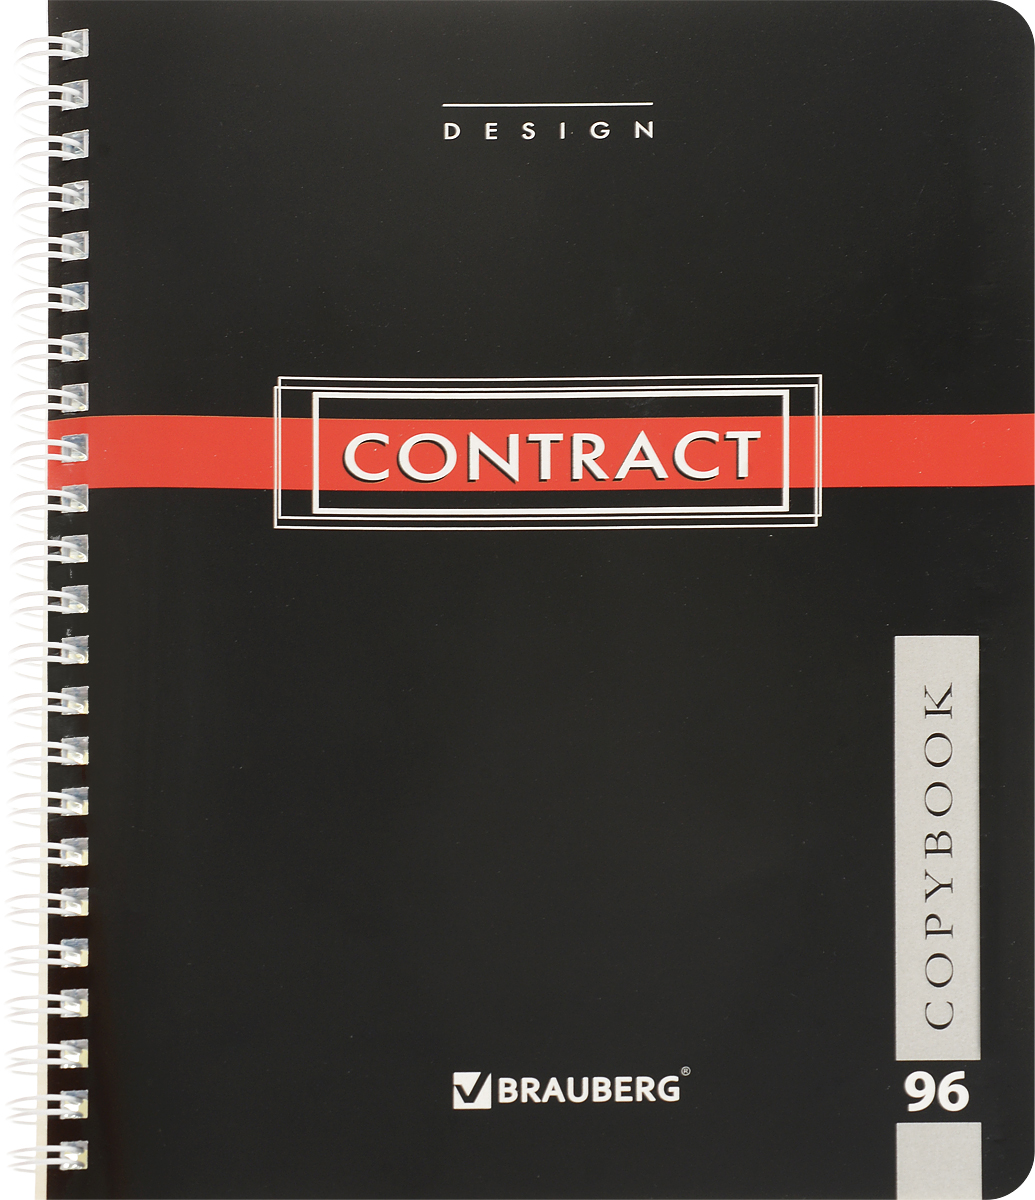 Brauberg Тетрадь Contract 96 листов в клетку цвет черный 400527400527_черныйТетрадь Brauberg Contract на металлическом гребне пригодится как школьнику, так и студенту.Такое практичное и надежное крепление позволяет отрывать листы и полностью открывать тетрадь на столе. Обложка изготовлена из импортного мелованного картона. Внутренний блок выполнен из высококачественного офсета в стандартную клетку без полей. Тетрадь содержит 96 листов. Страницы тетради дополнены микроперфорацией для удобного отрыва листов.